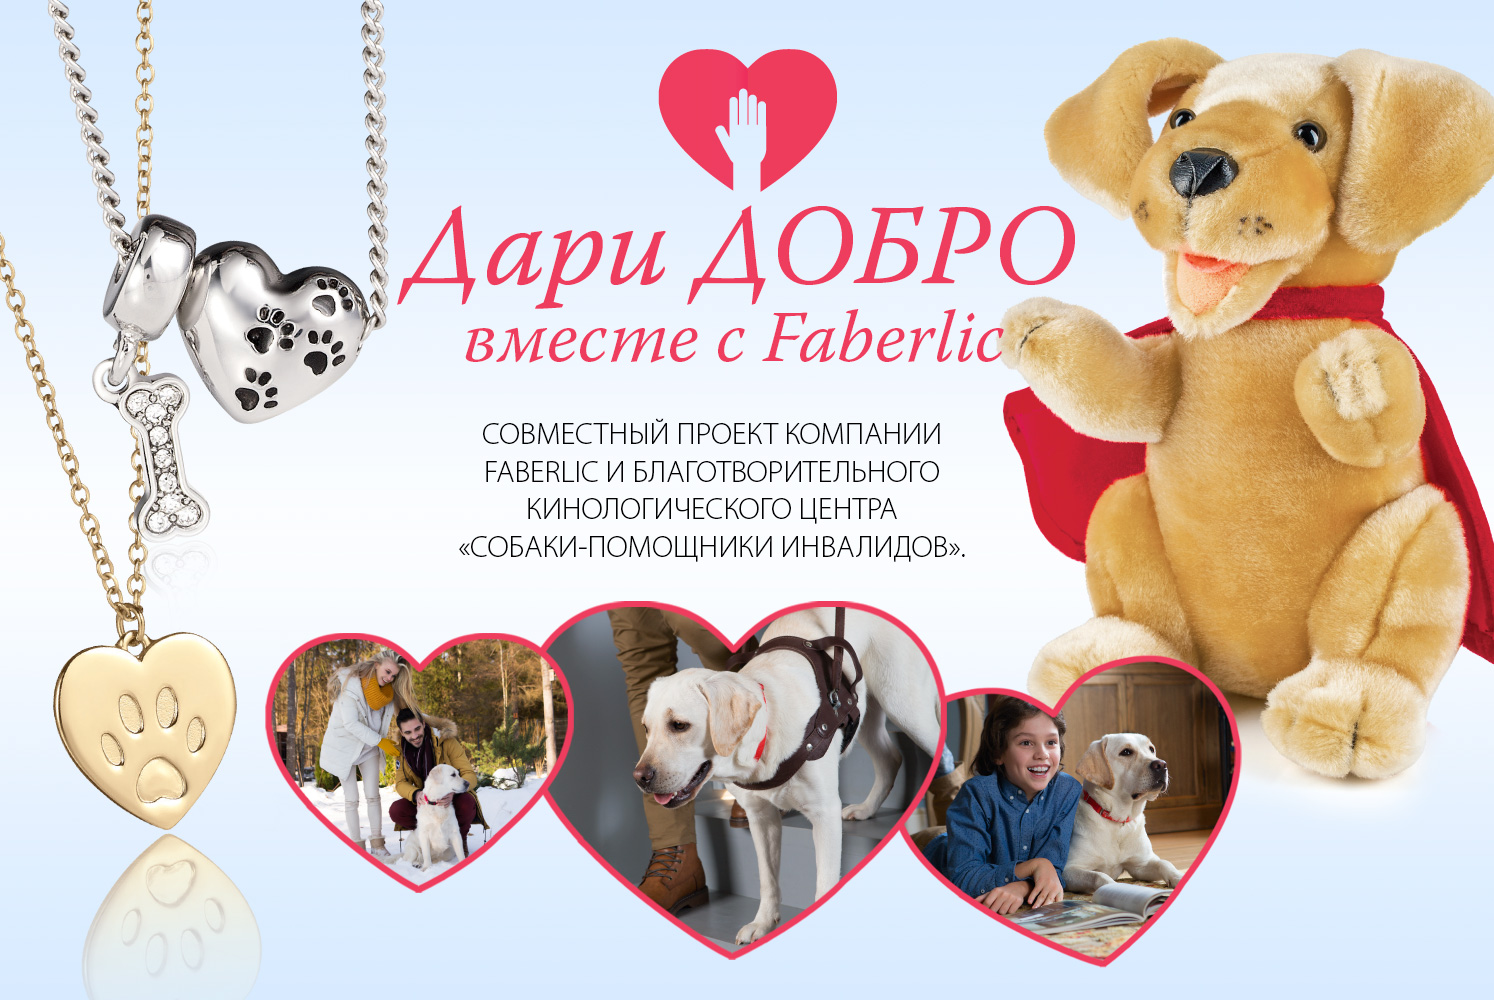 Дарите добро с faberlic: акция каталога №2